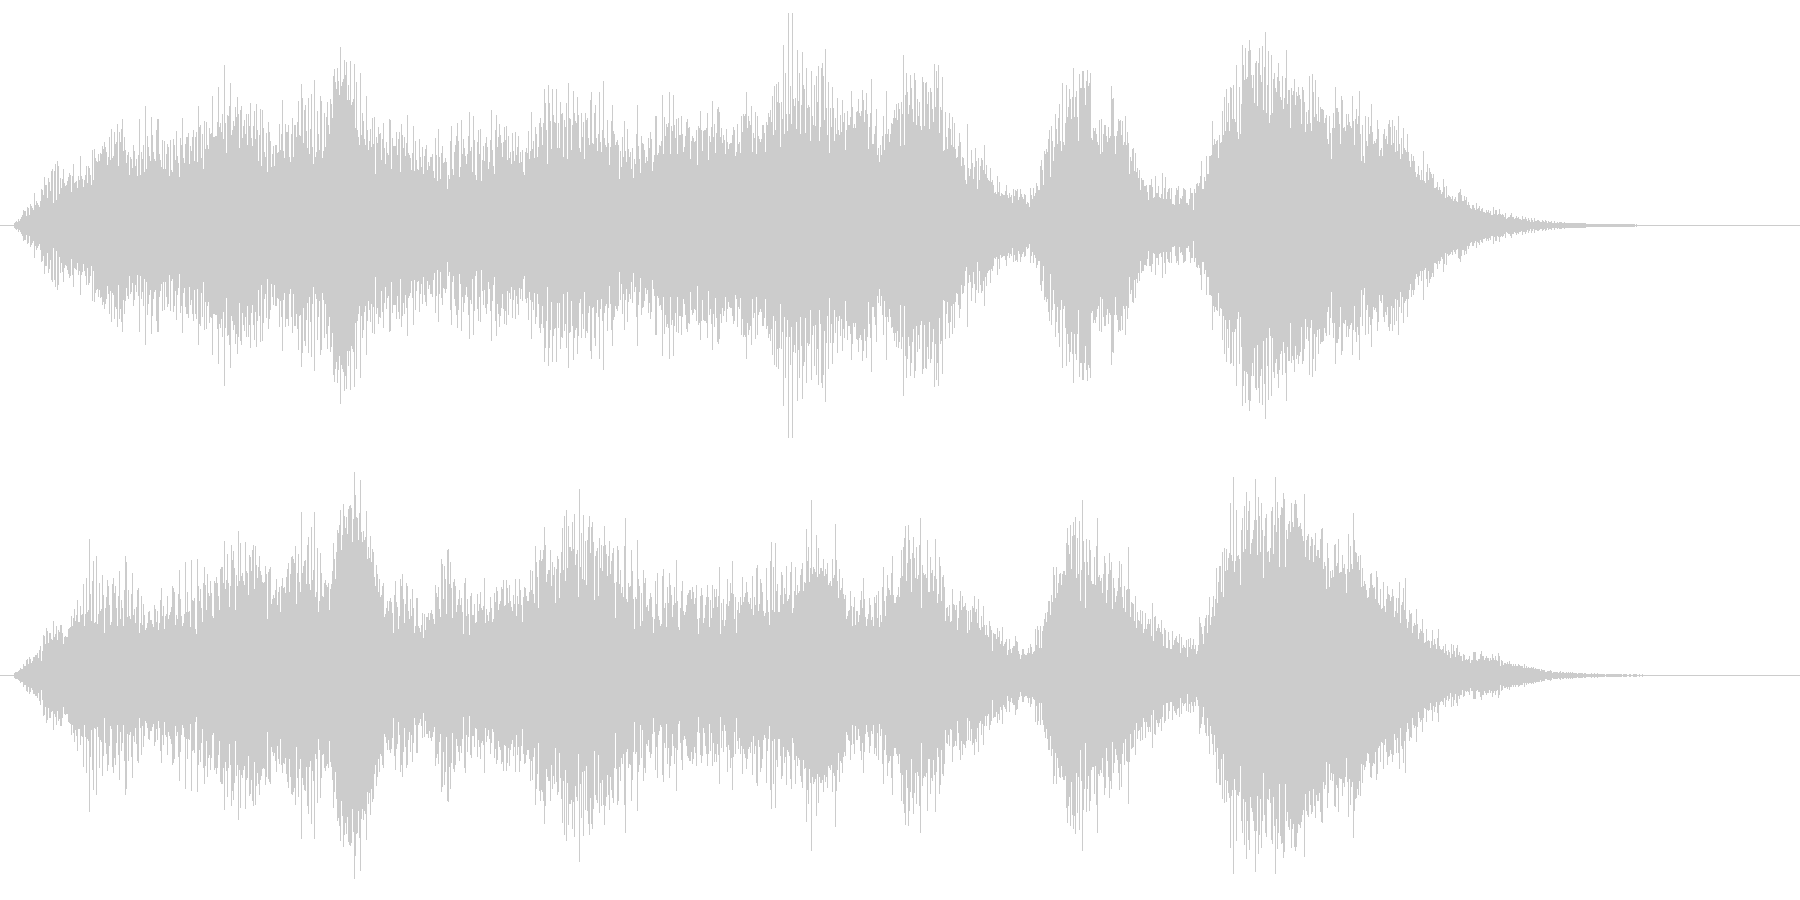 ホルンとストリングスの爽やかサウンドロゴの未再生の波形